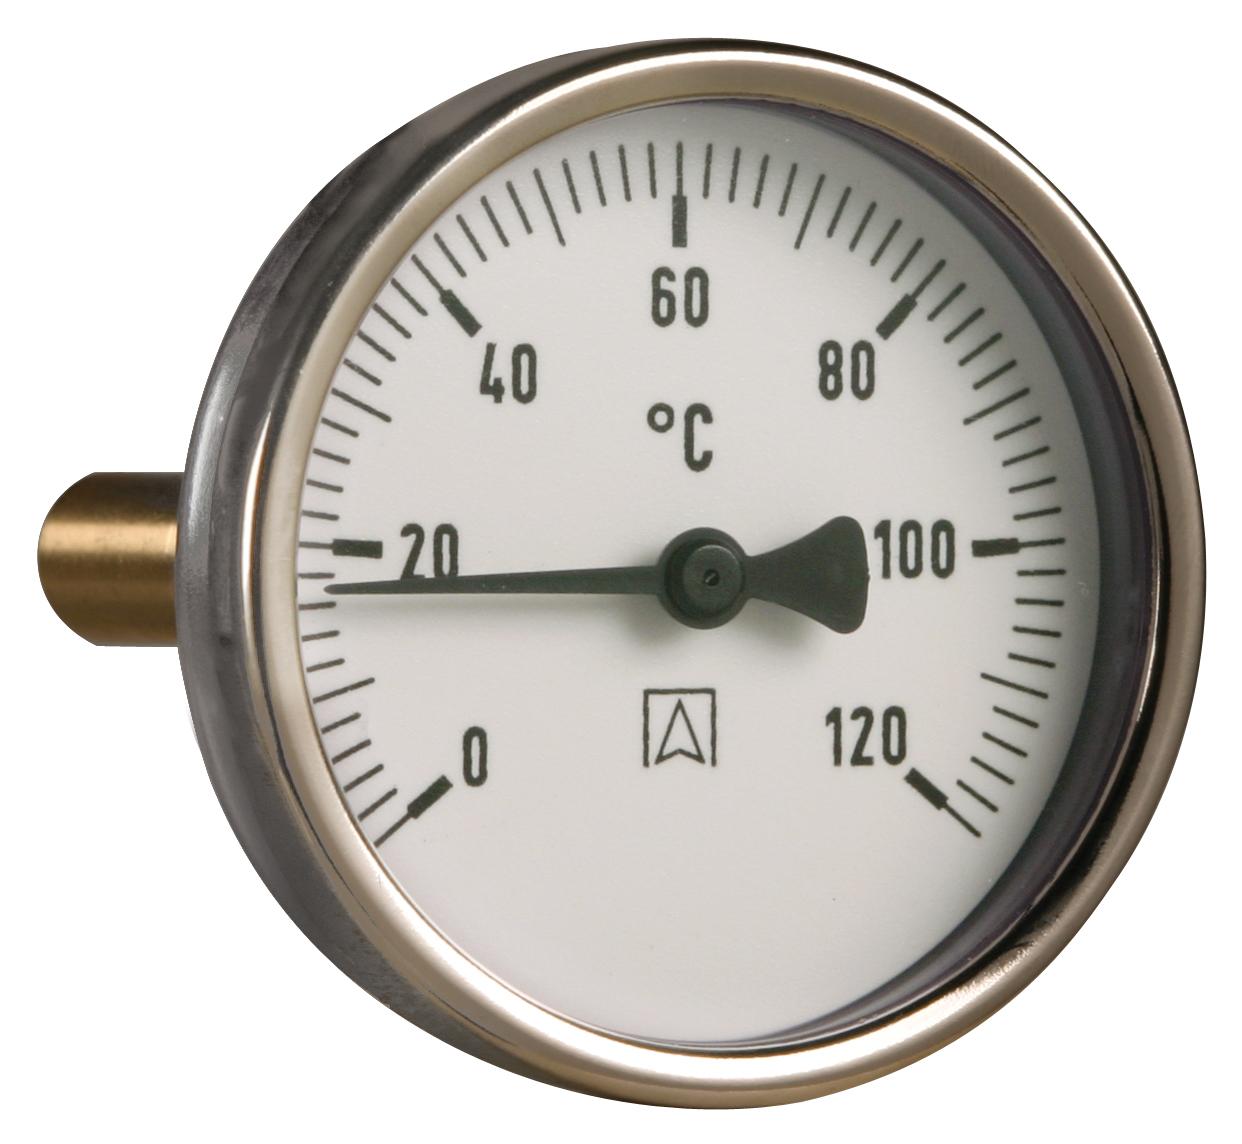 Termometr bimetaliczny BiTh 80,fi80 mm, -20÷60°C, L 150 mm, G1/2'' ax, kl. 2